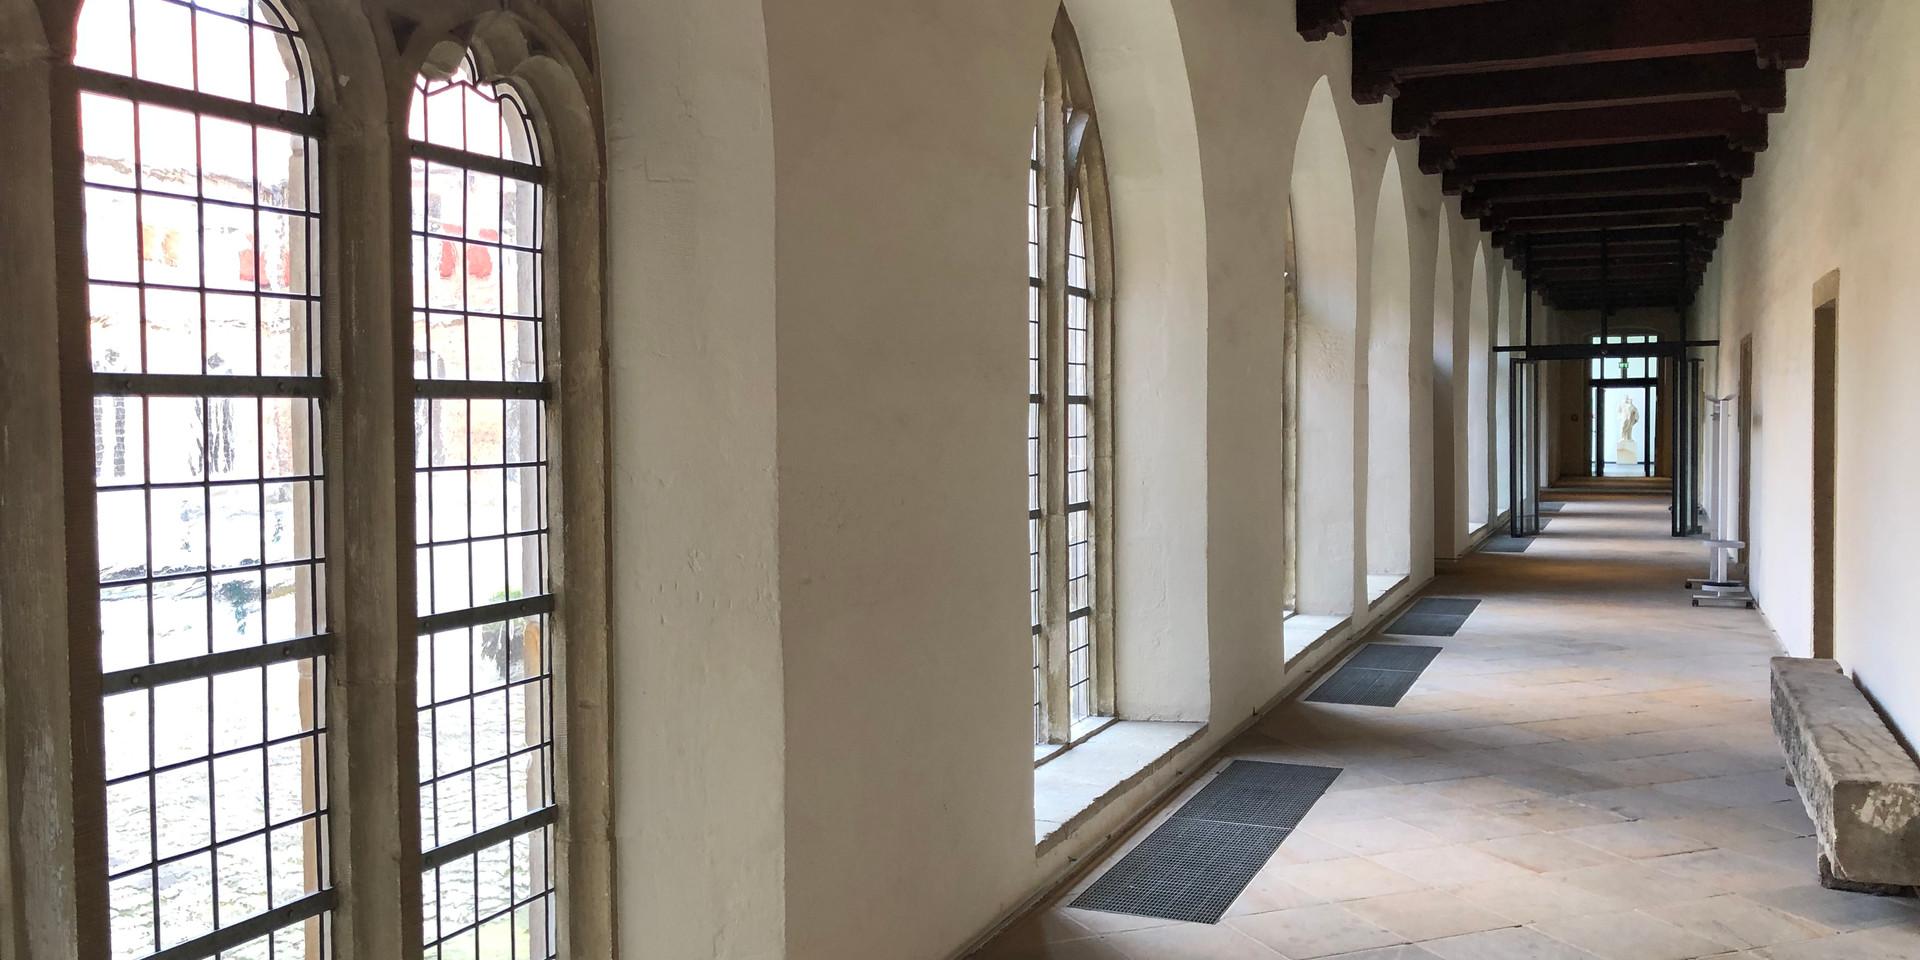 KlosterFrenswegen5.jpg